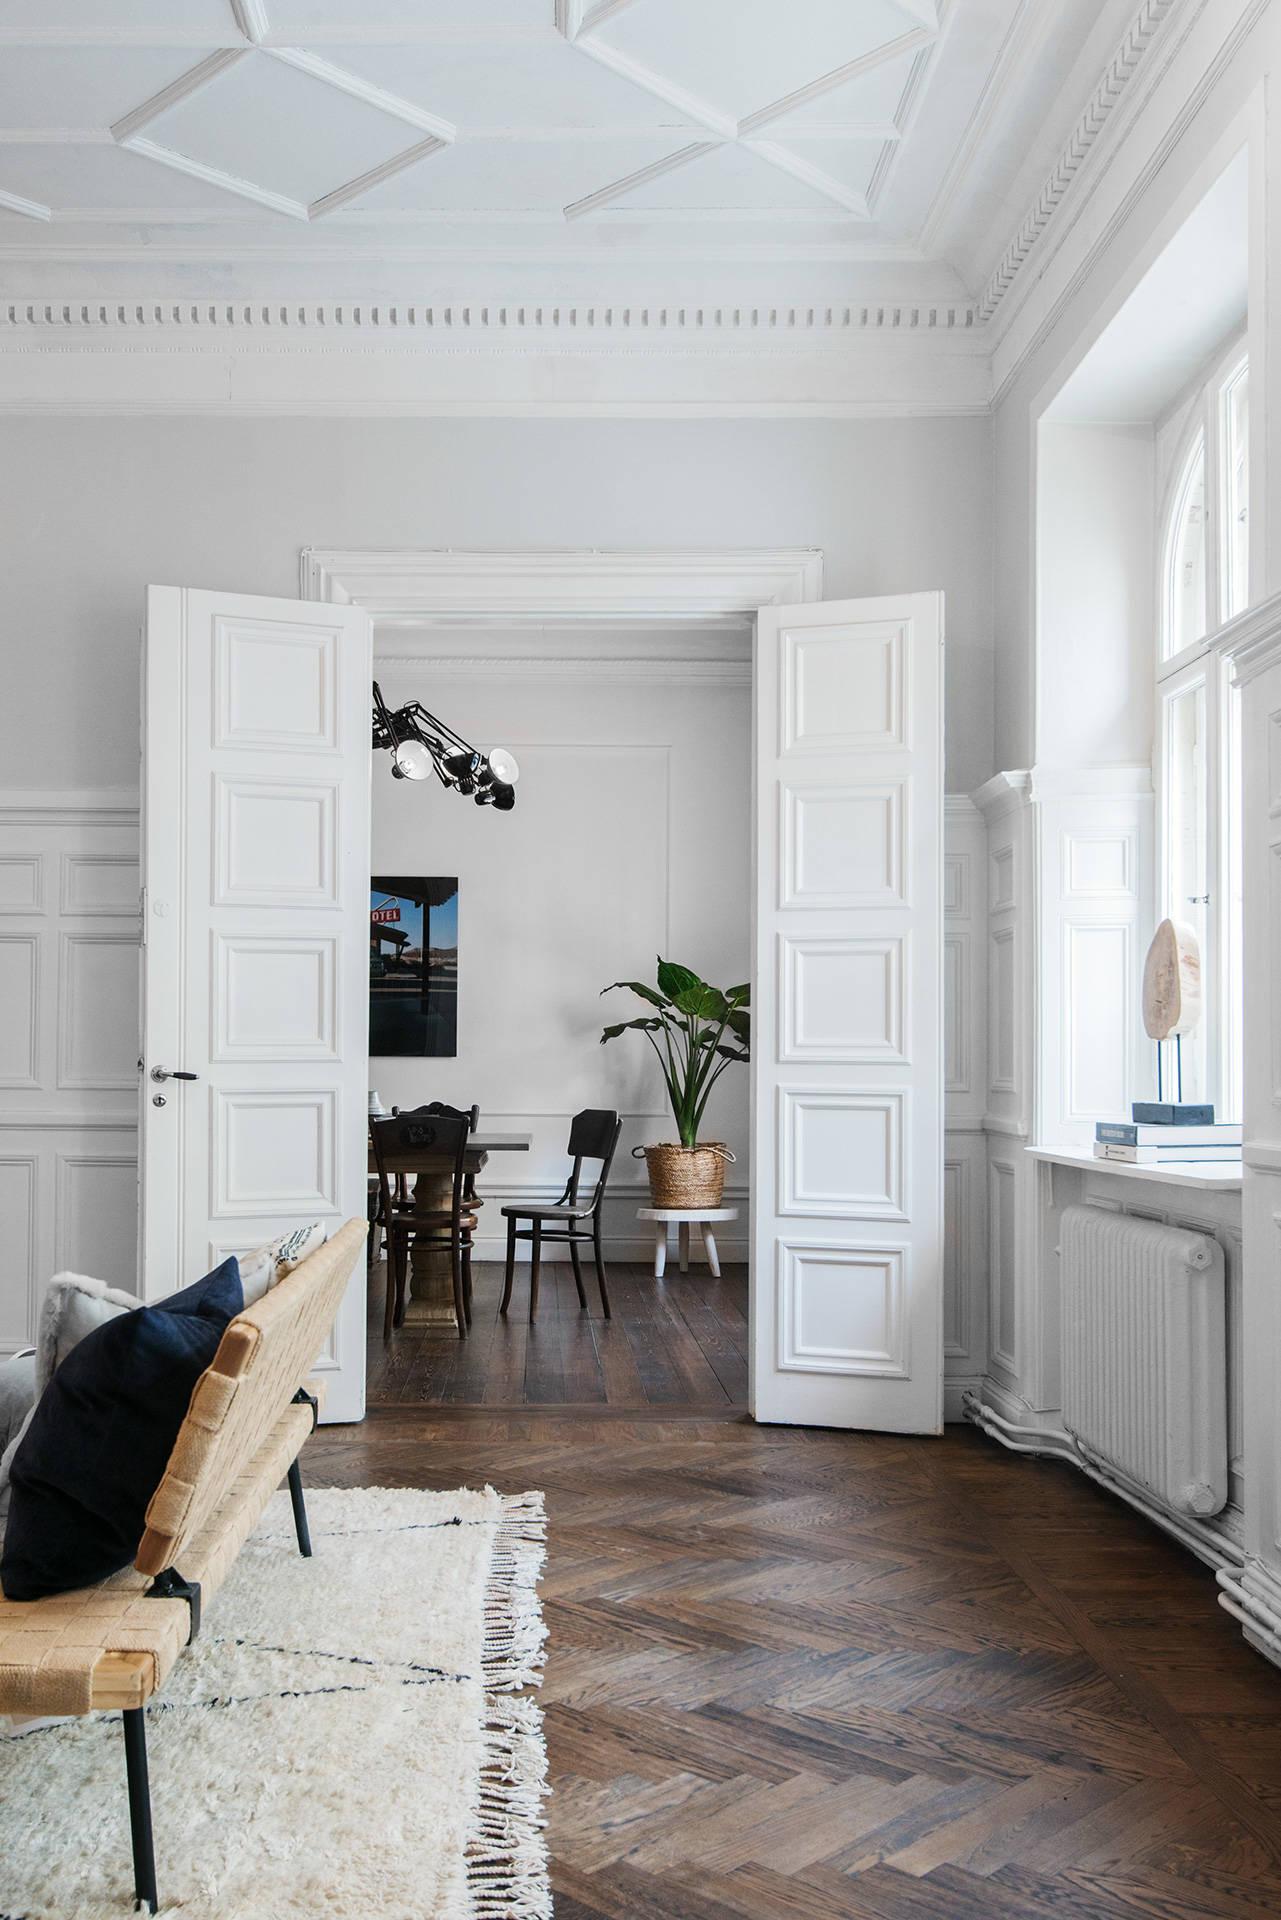 гостиная светлые стены паркет высокий потолок распашные белые двери